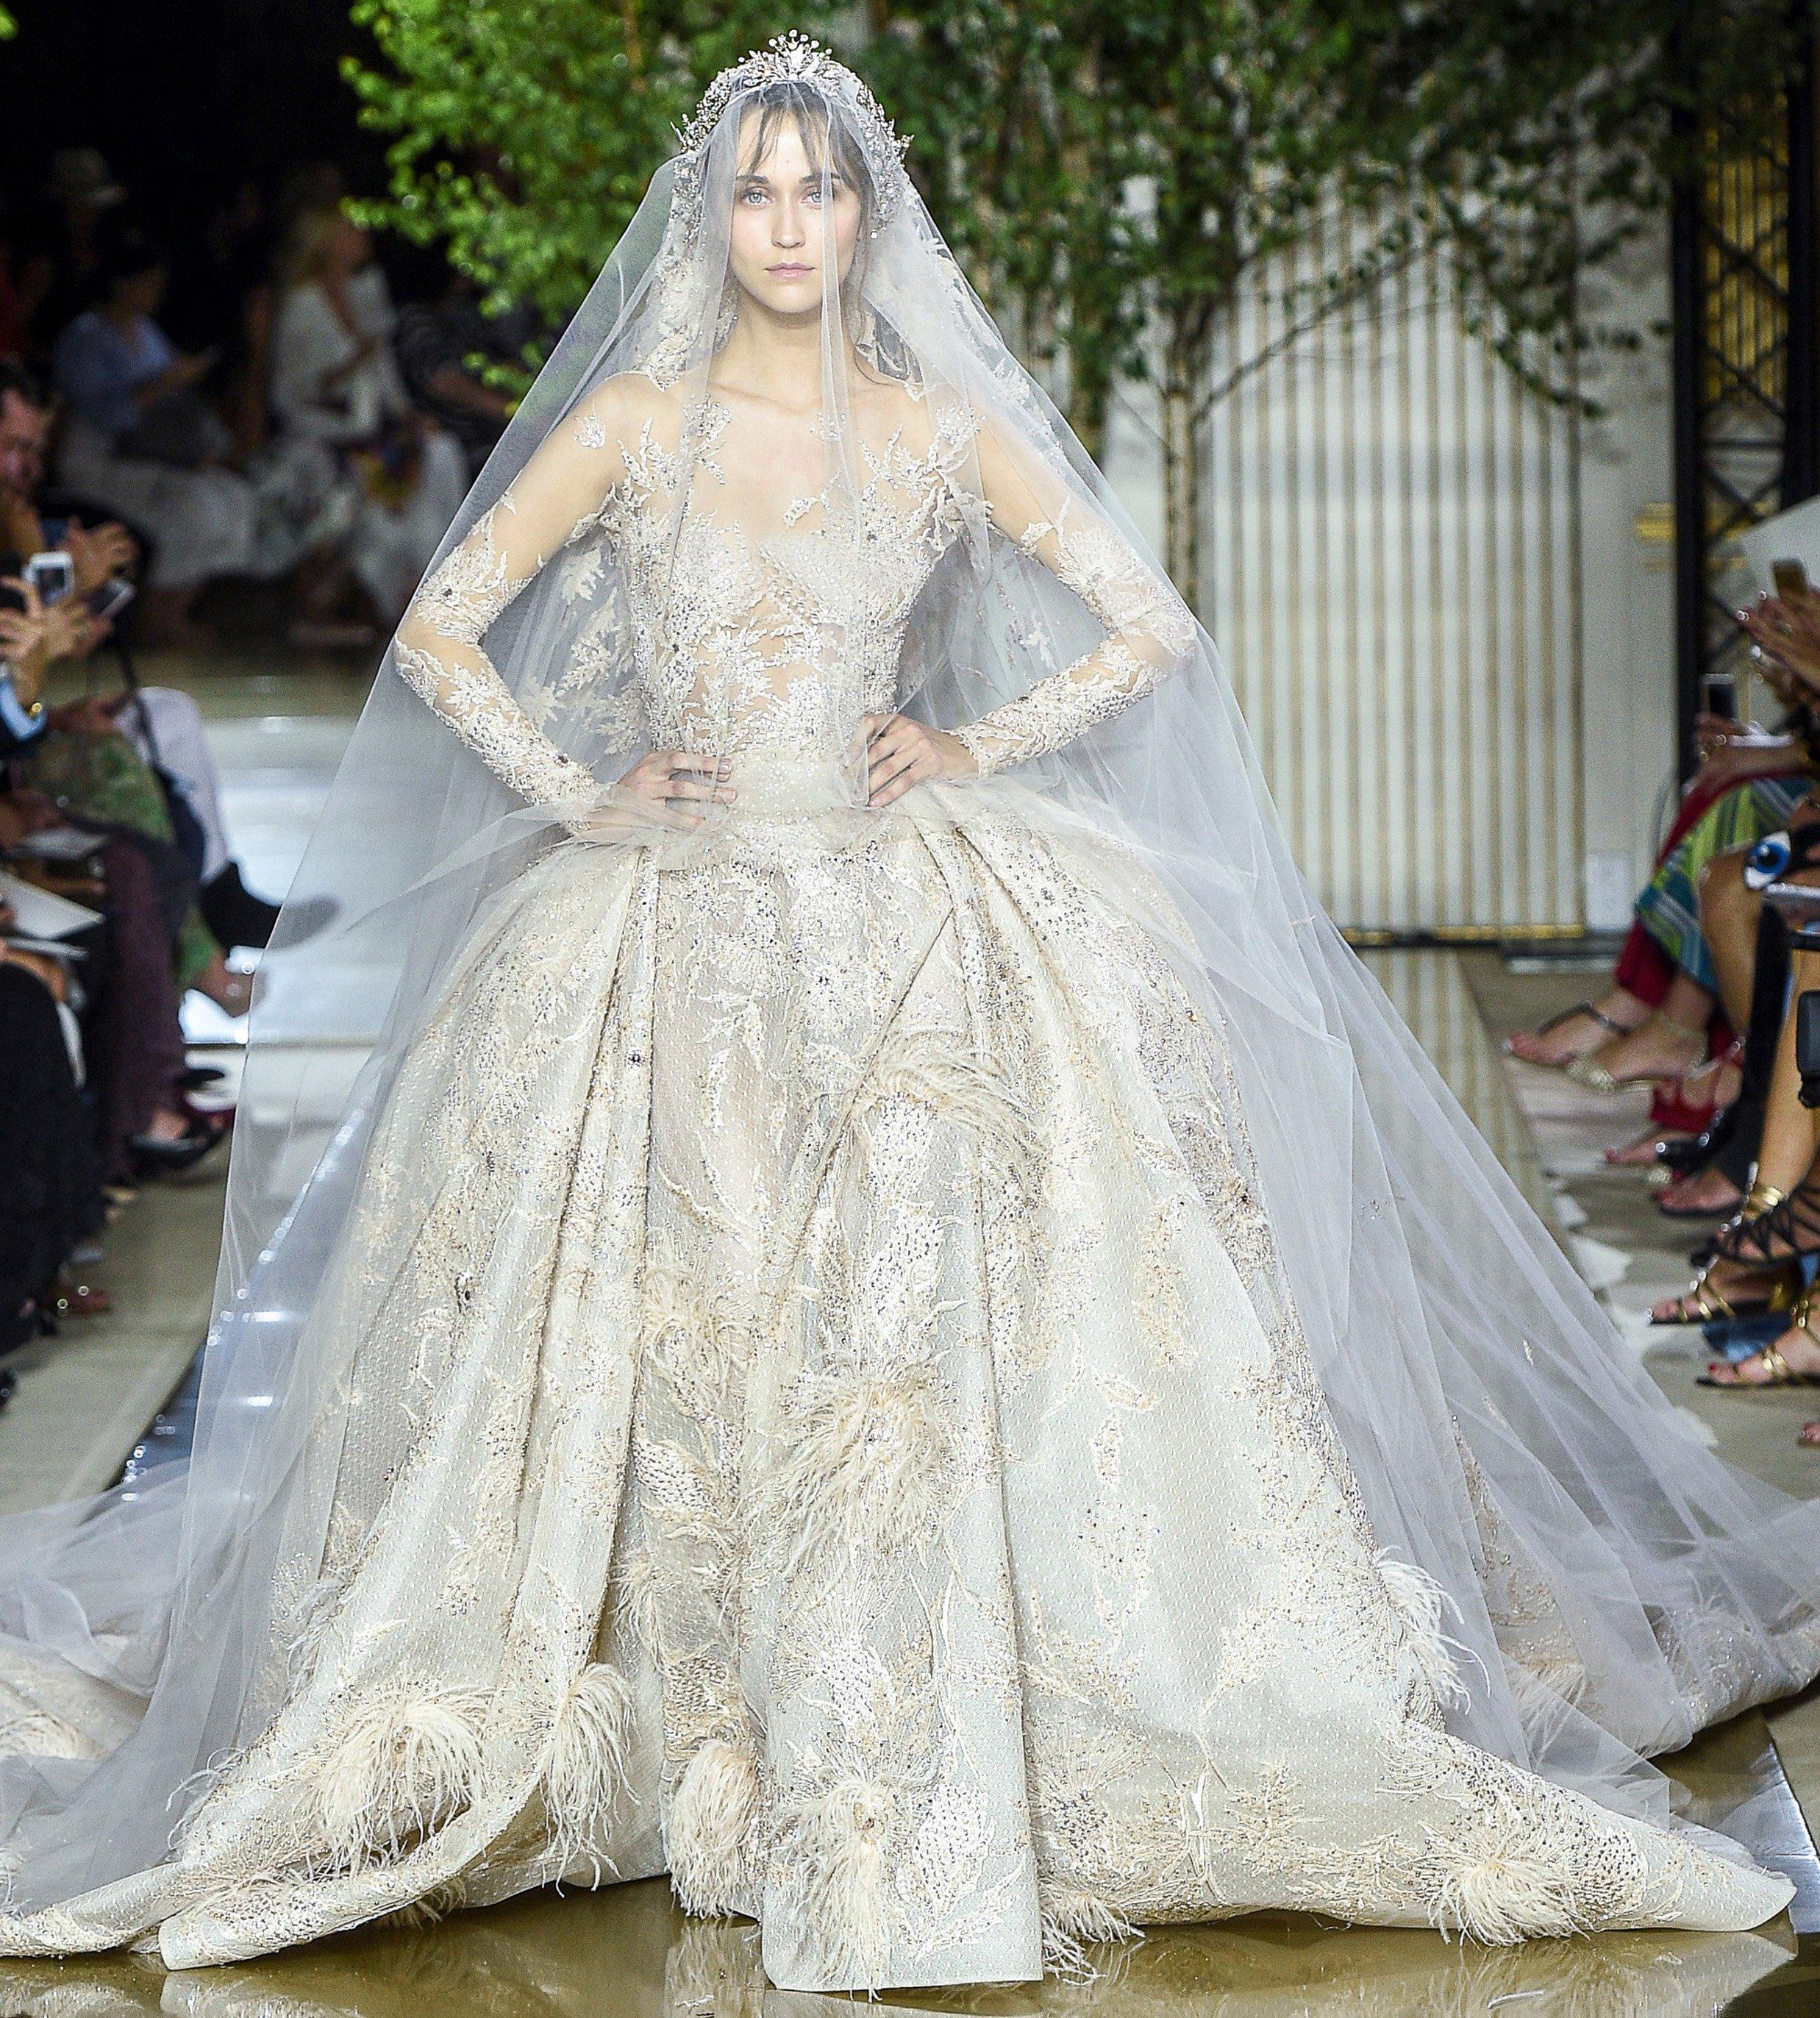 d663c3b0a أجمل فساتين الزفاف من أسبوع الموضة الباريسيّ للخياطة الراقية لخريف 2017